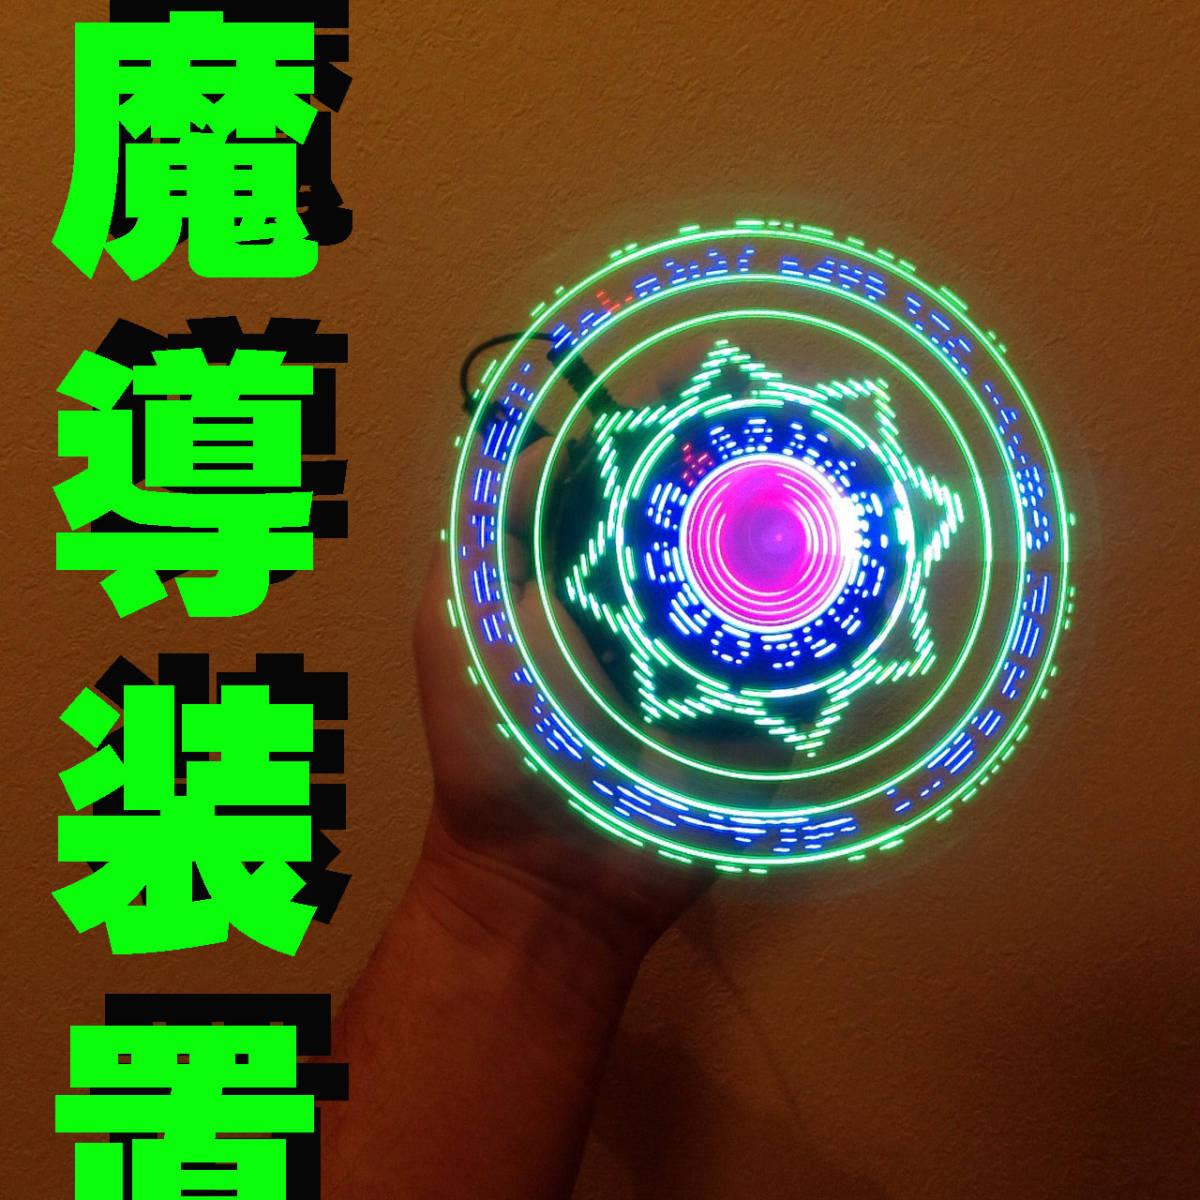 魔法陣を機械的に発現させる魔導装置 作製キット アベンジャーズ ドクターストレンジ コスプレ Bluetooth バーサライタ